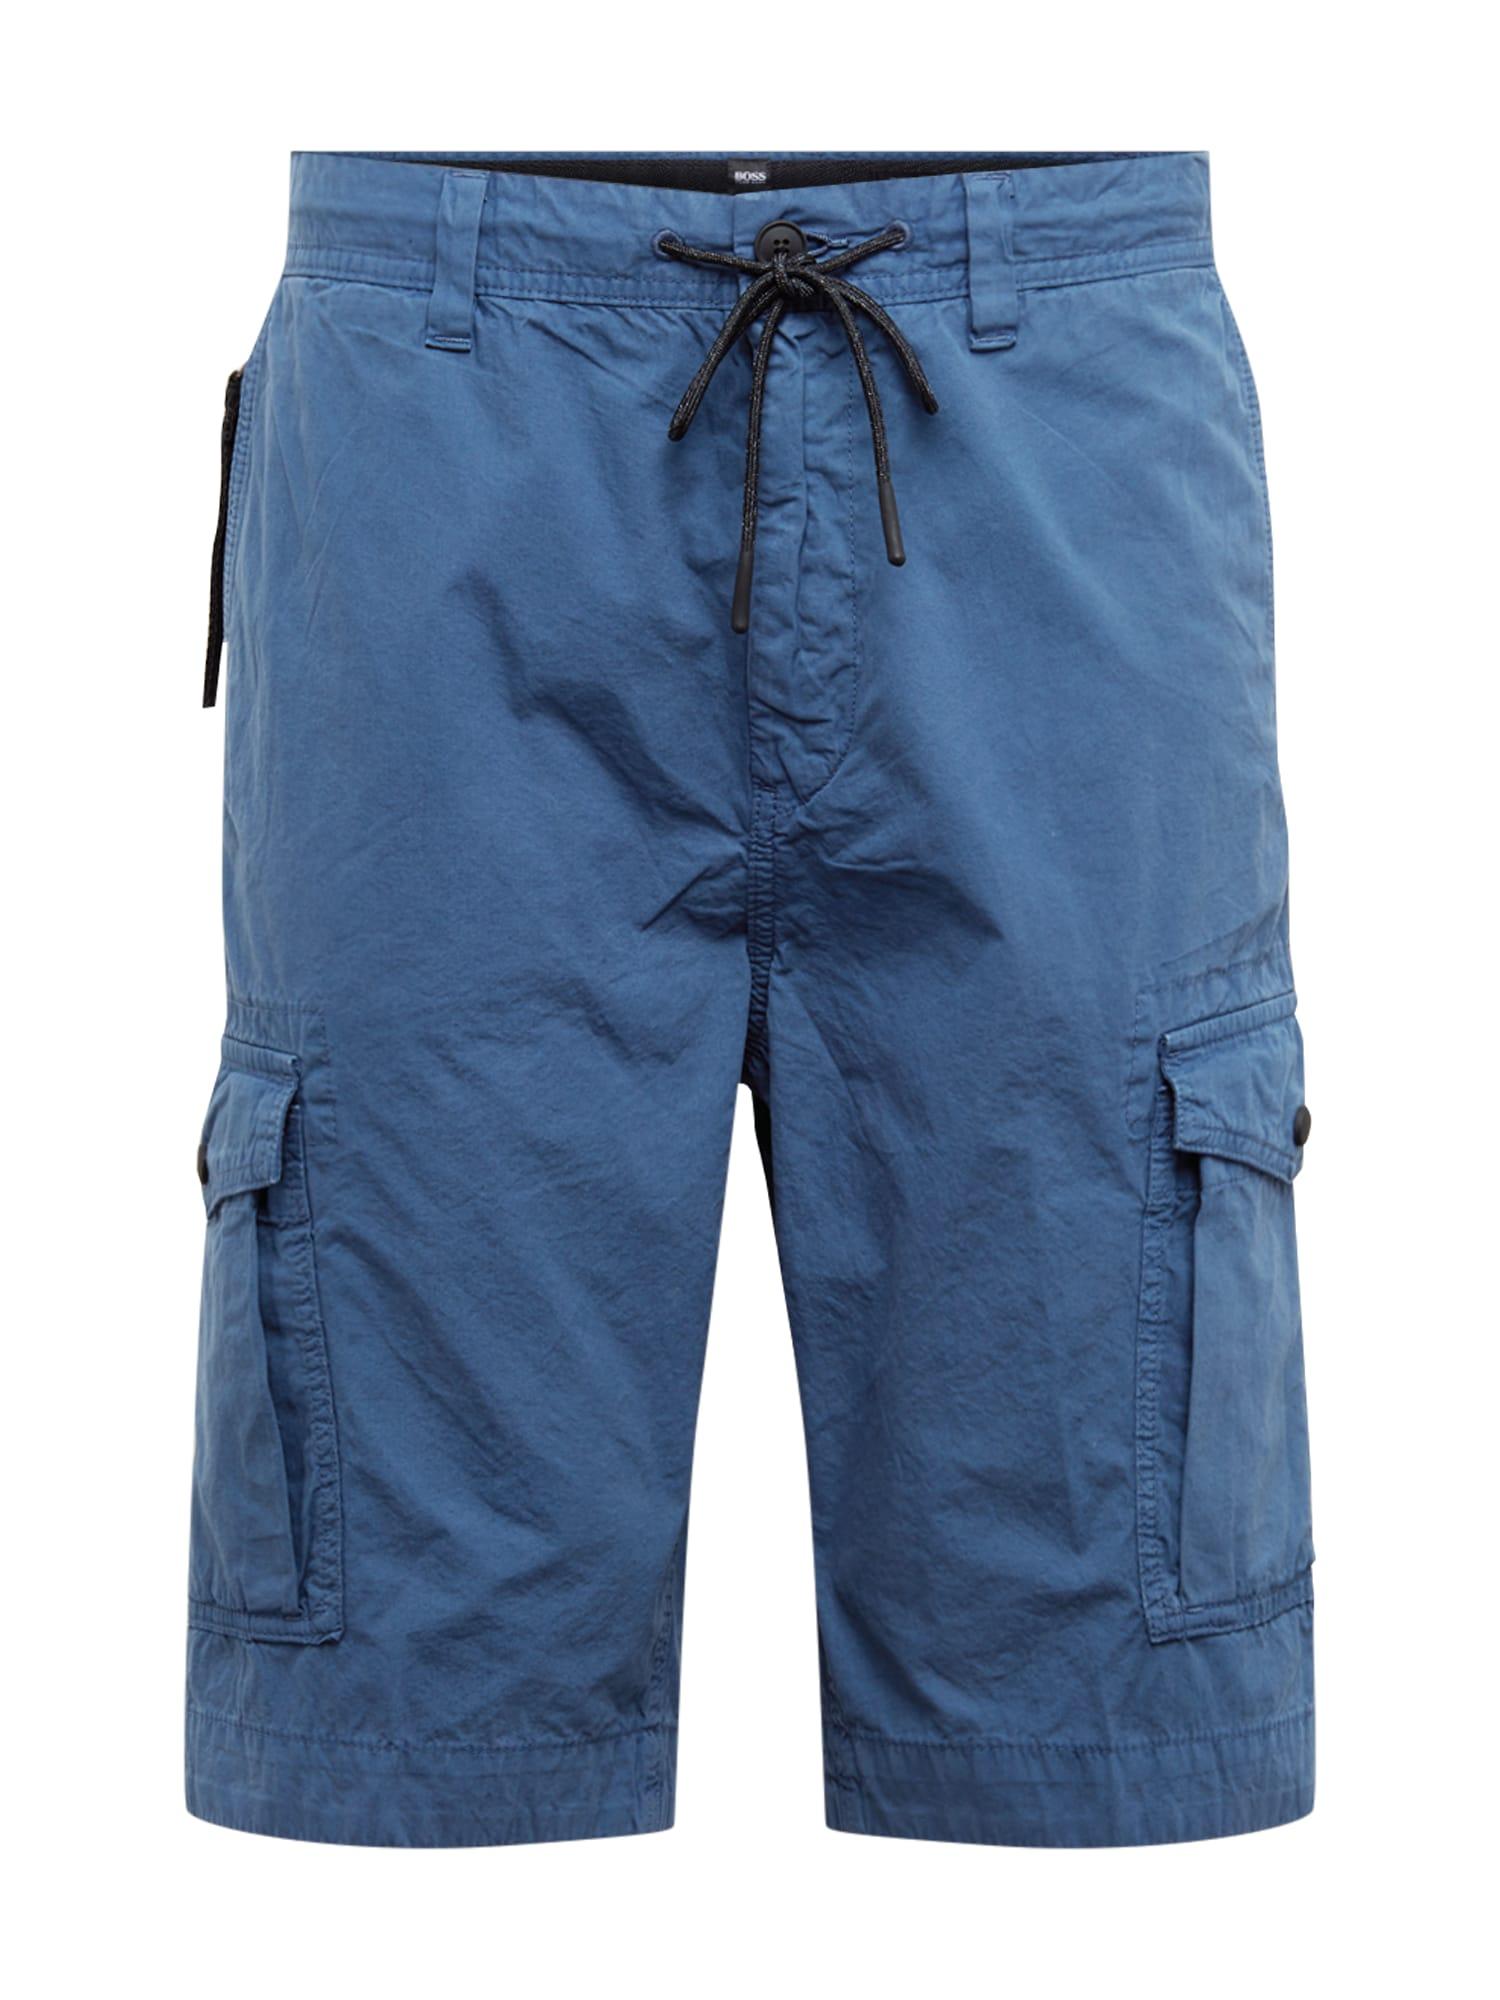 BOSS Laisvo stiliaus kelnės 'Sargo-Shorts2' tamsiai mėlyna